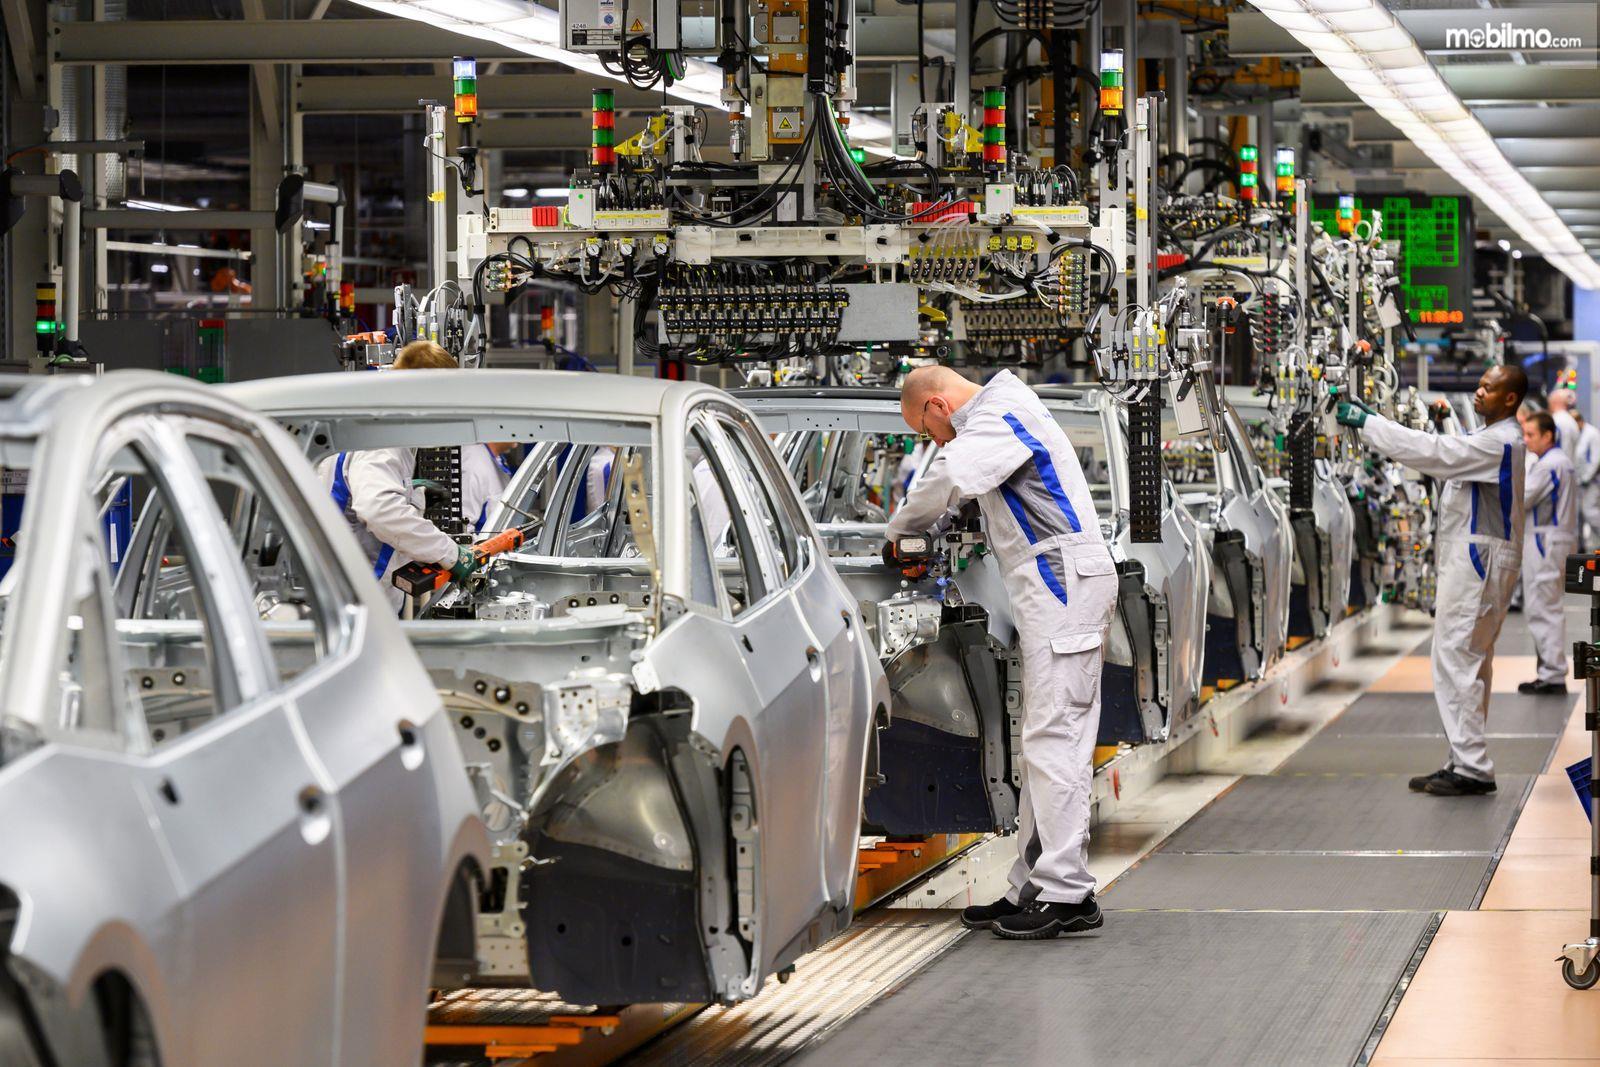 Foto menunjukkan proses Perakitan mobil VW di pabrik